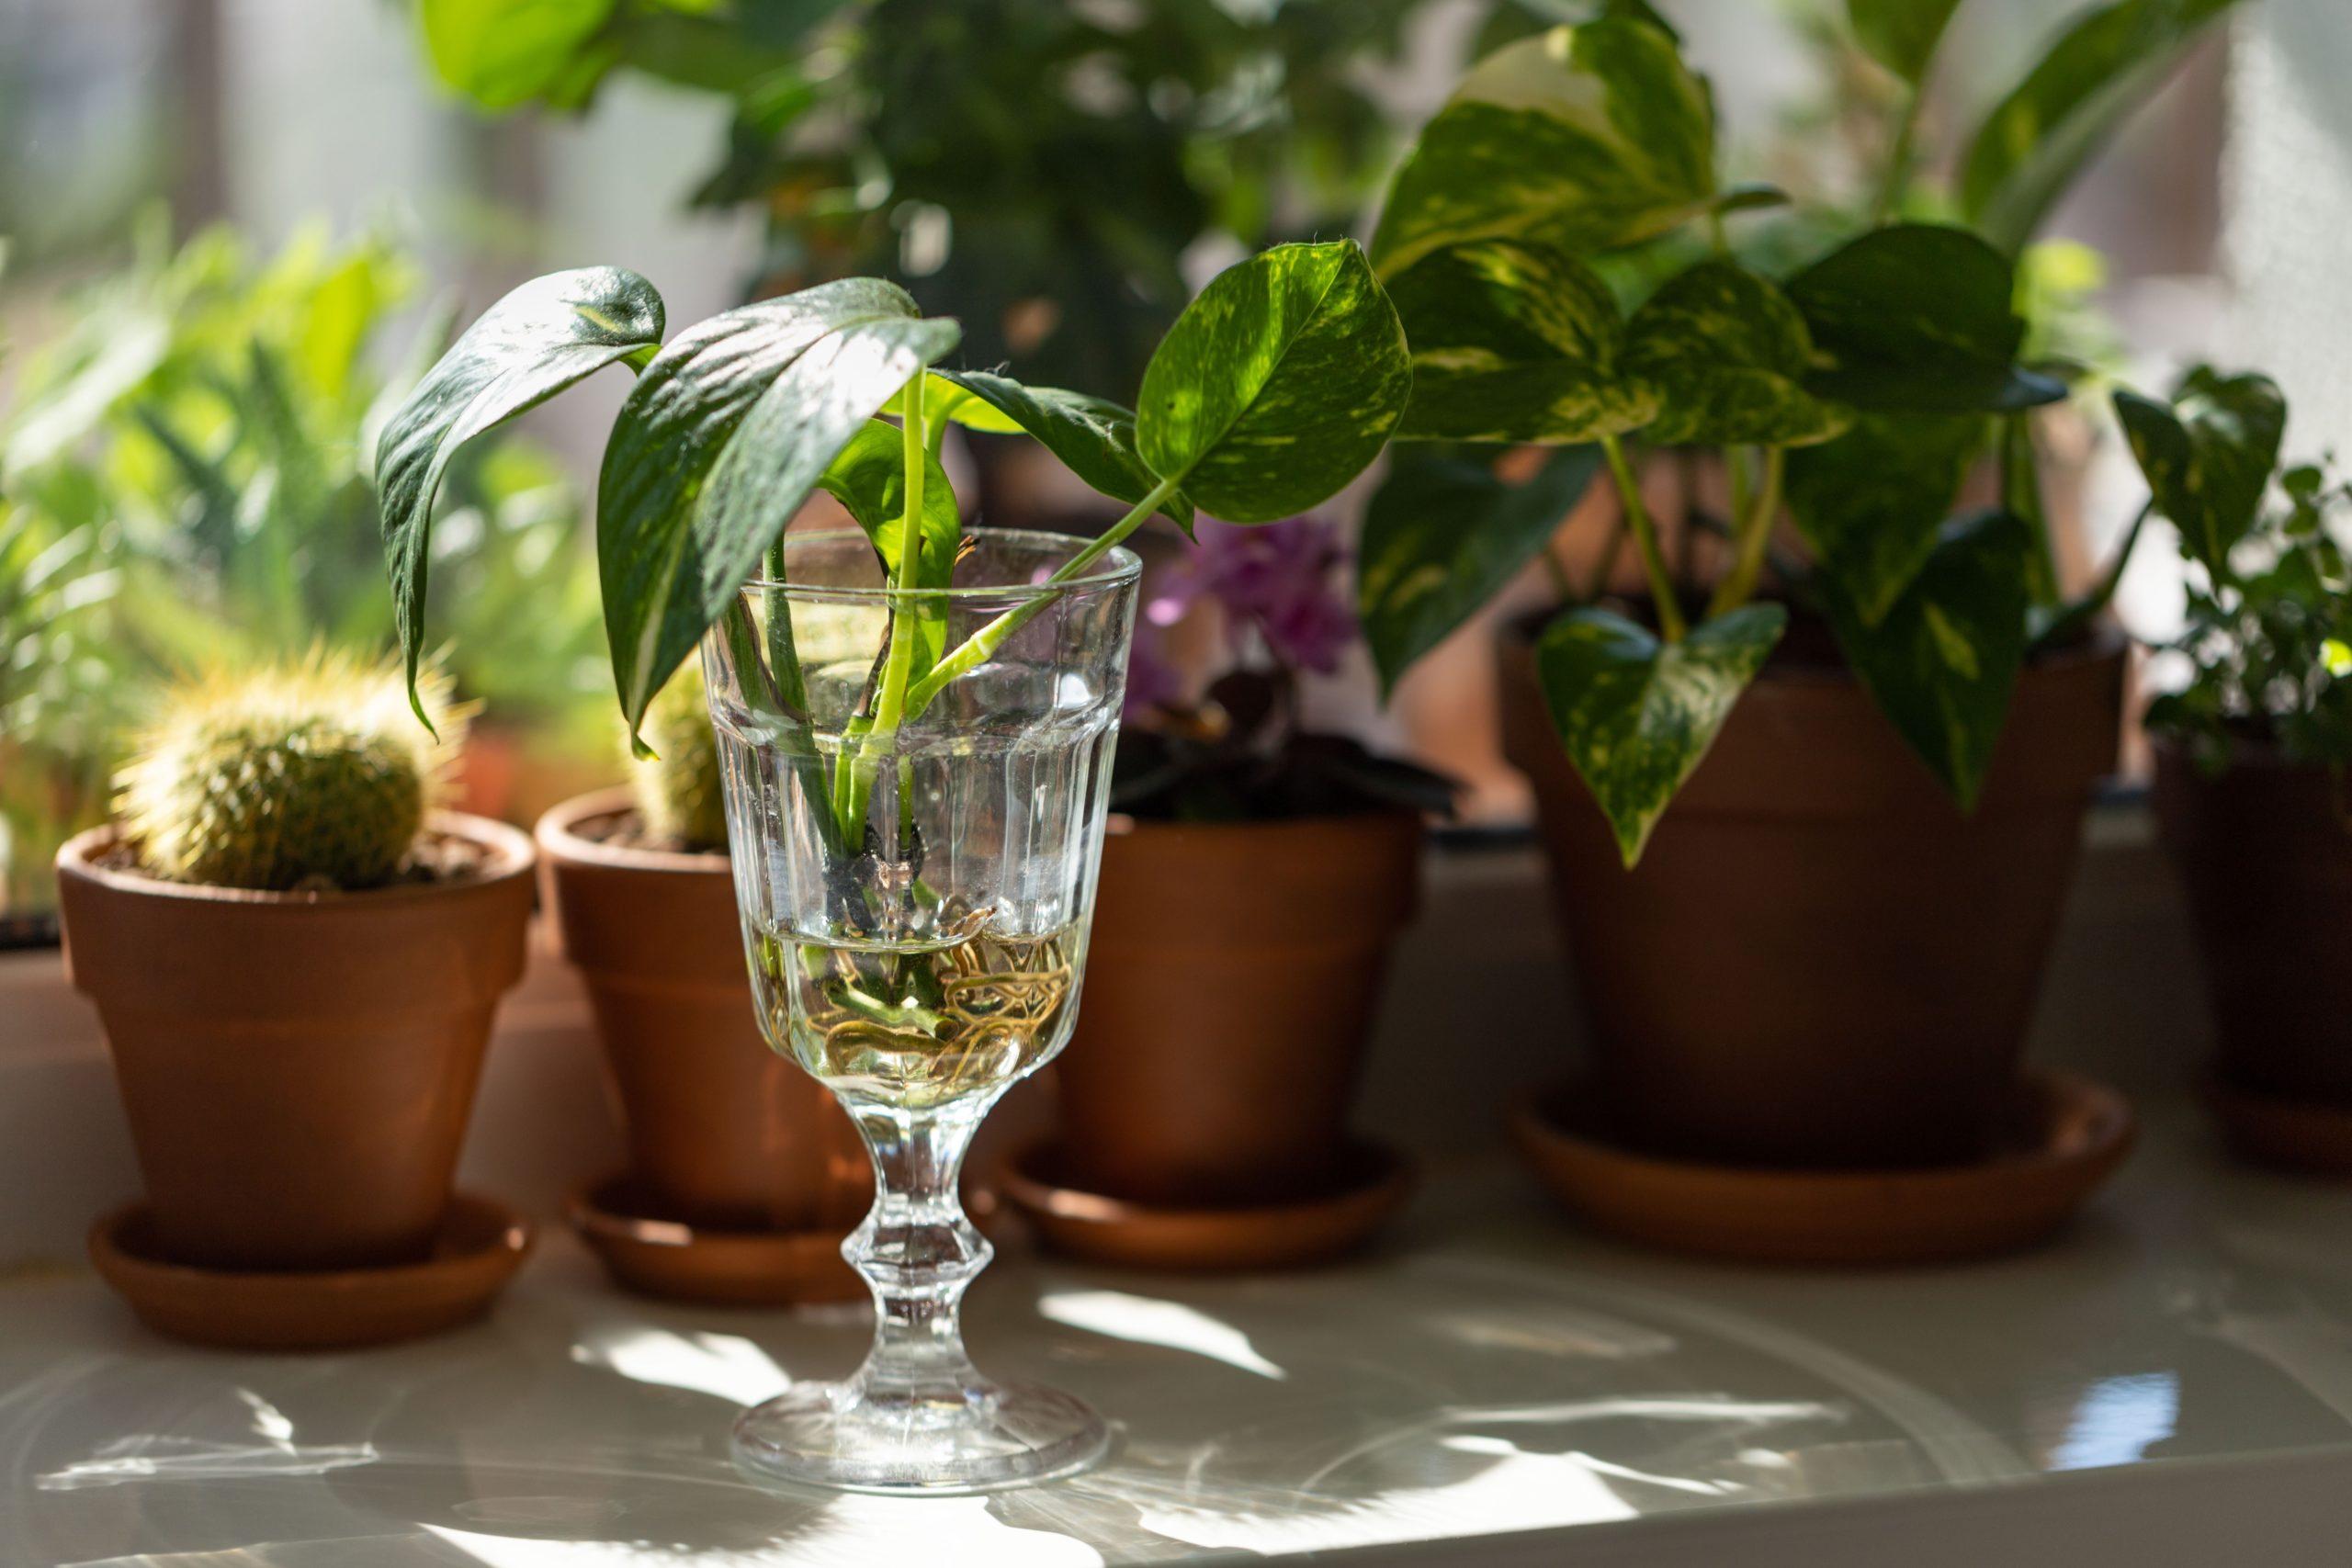 How often should you fertilize a pothos plant